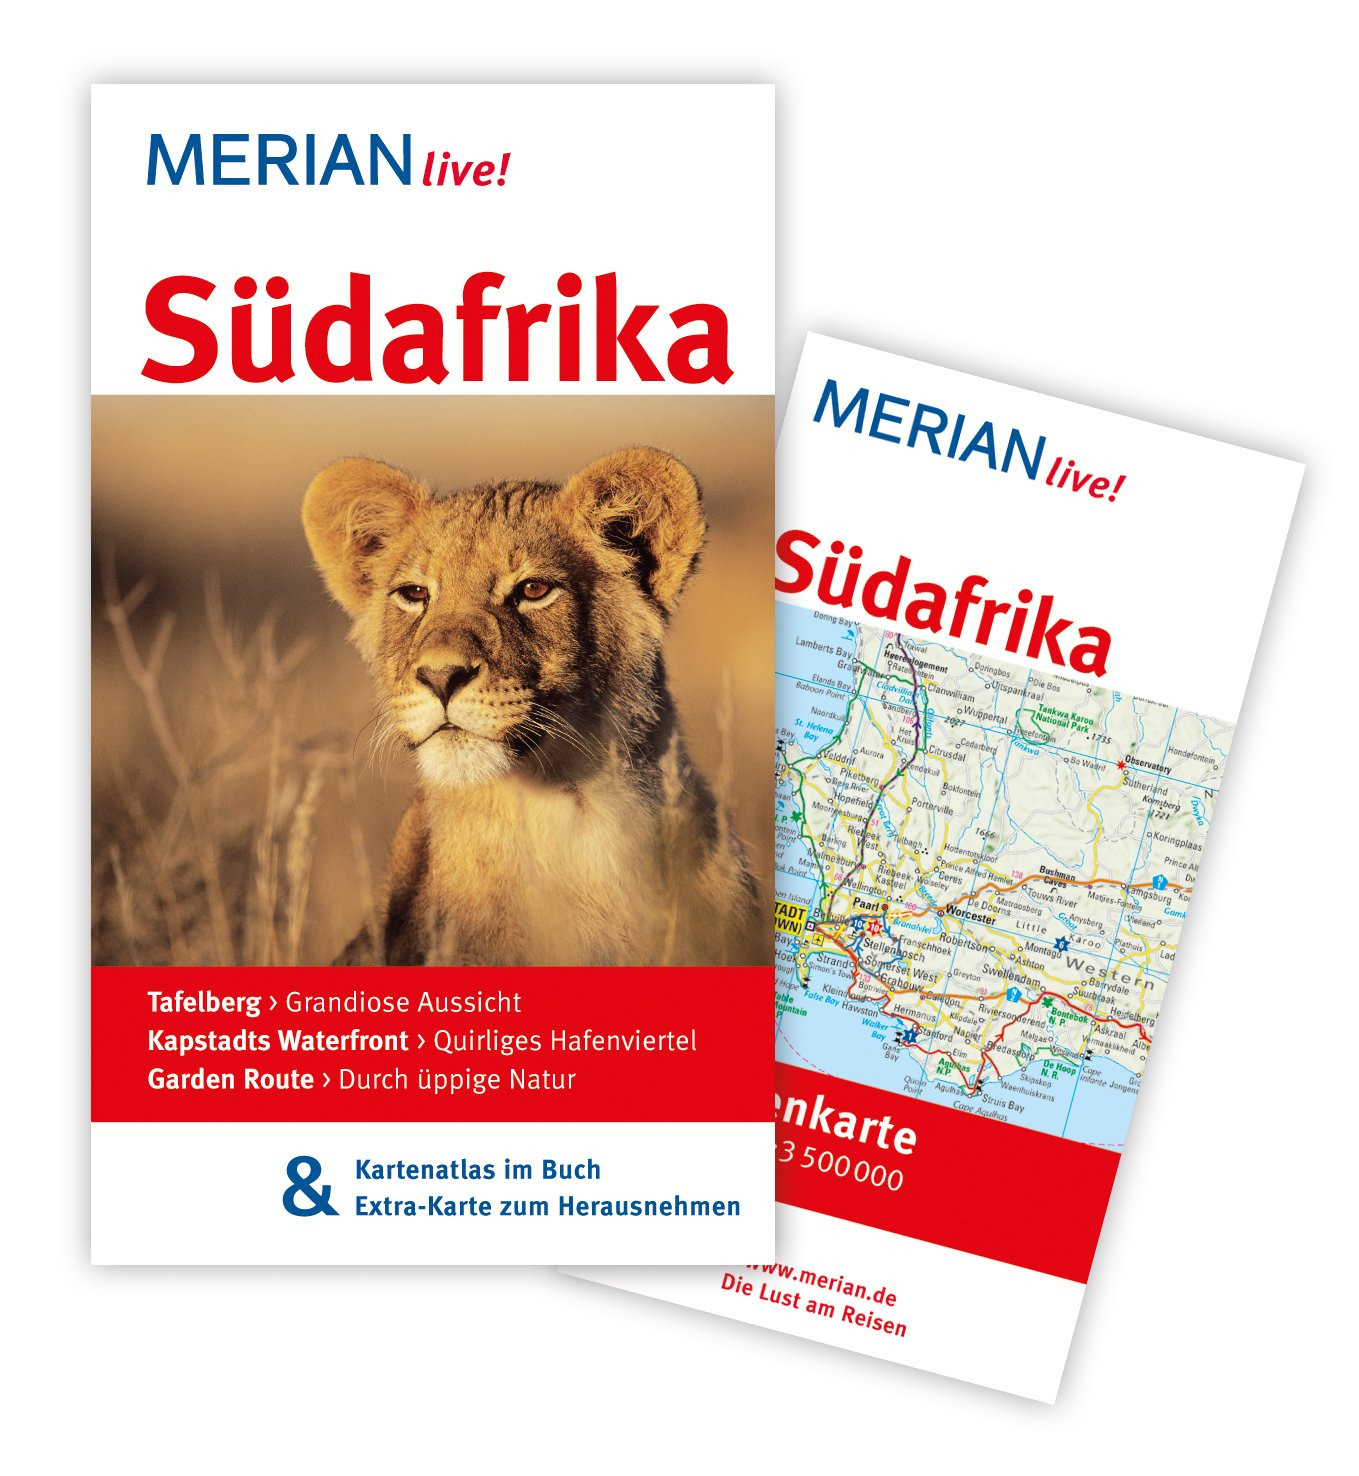 MERIAN live! Reiseführer Südafrika: Mit Kartenatlas im Buch und Extra-Karte zum Herausnehmen